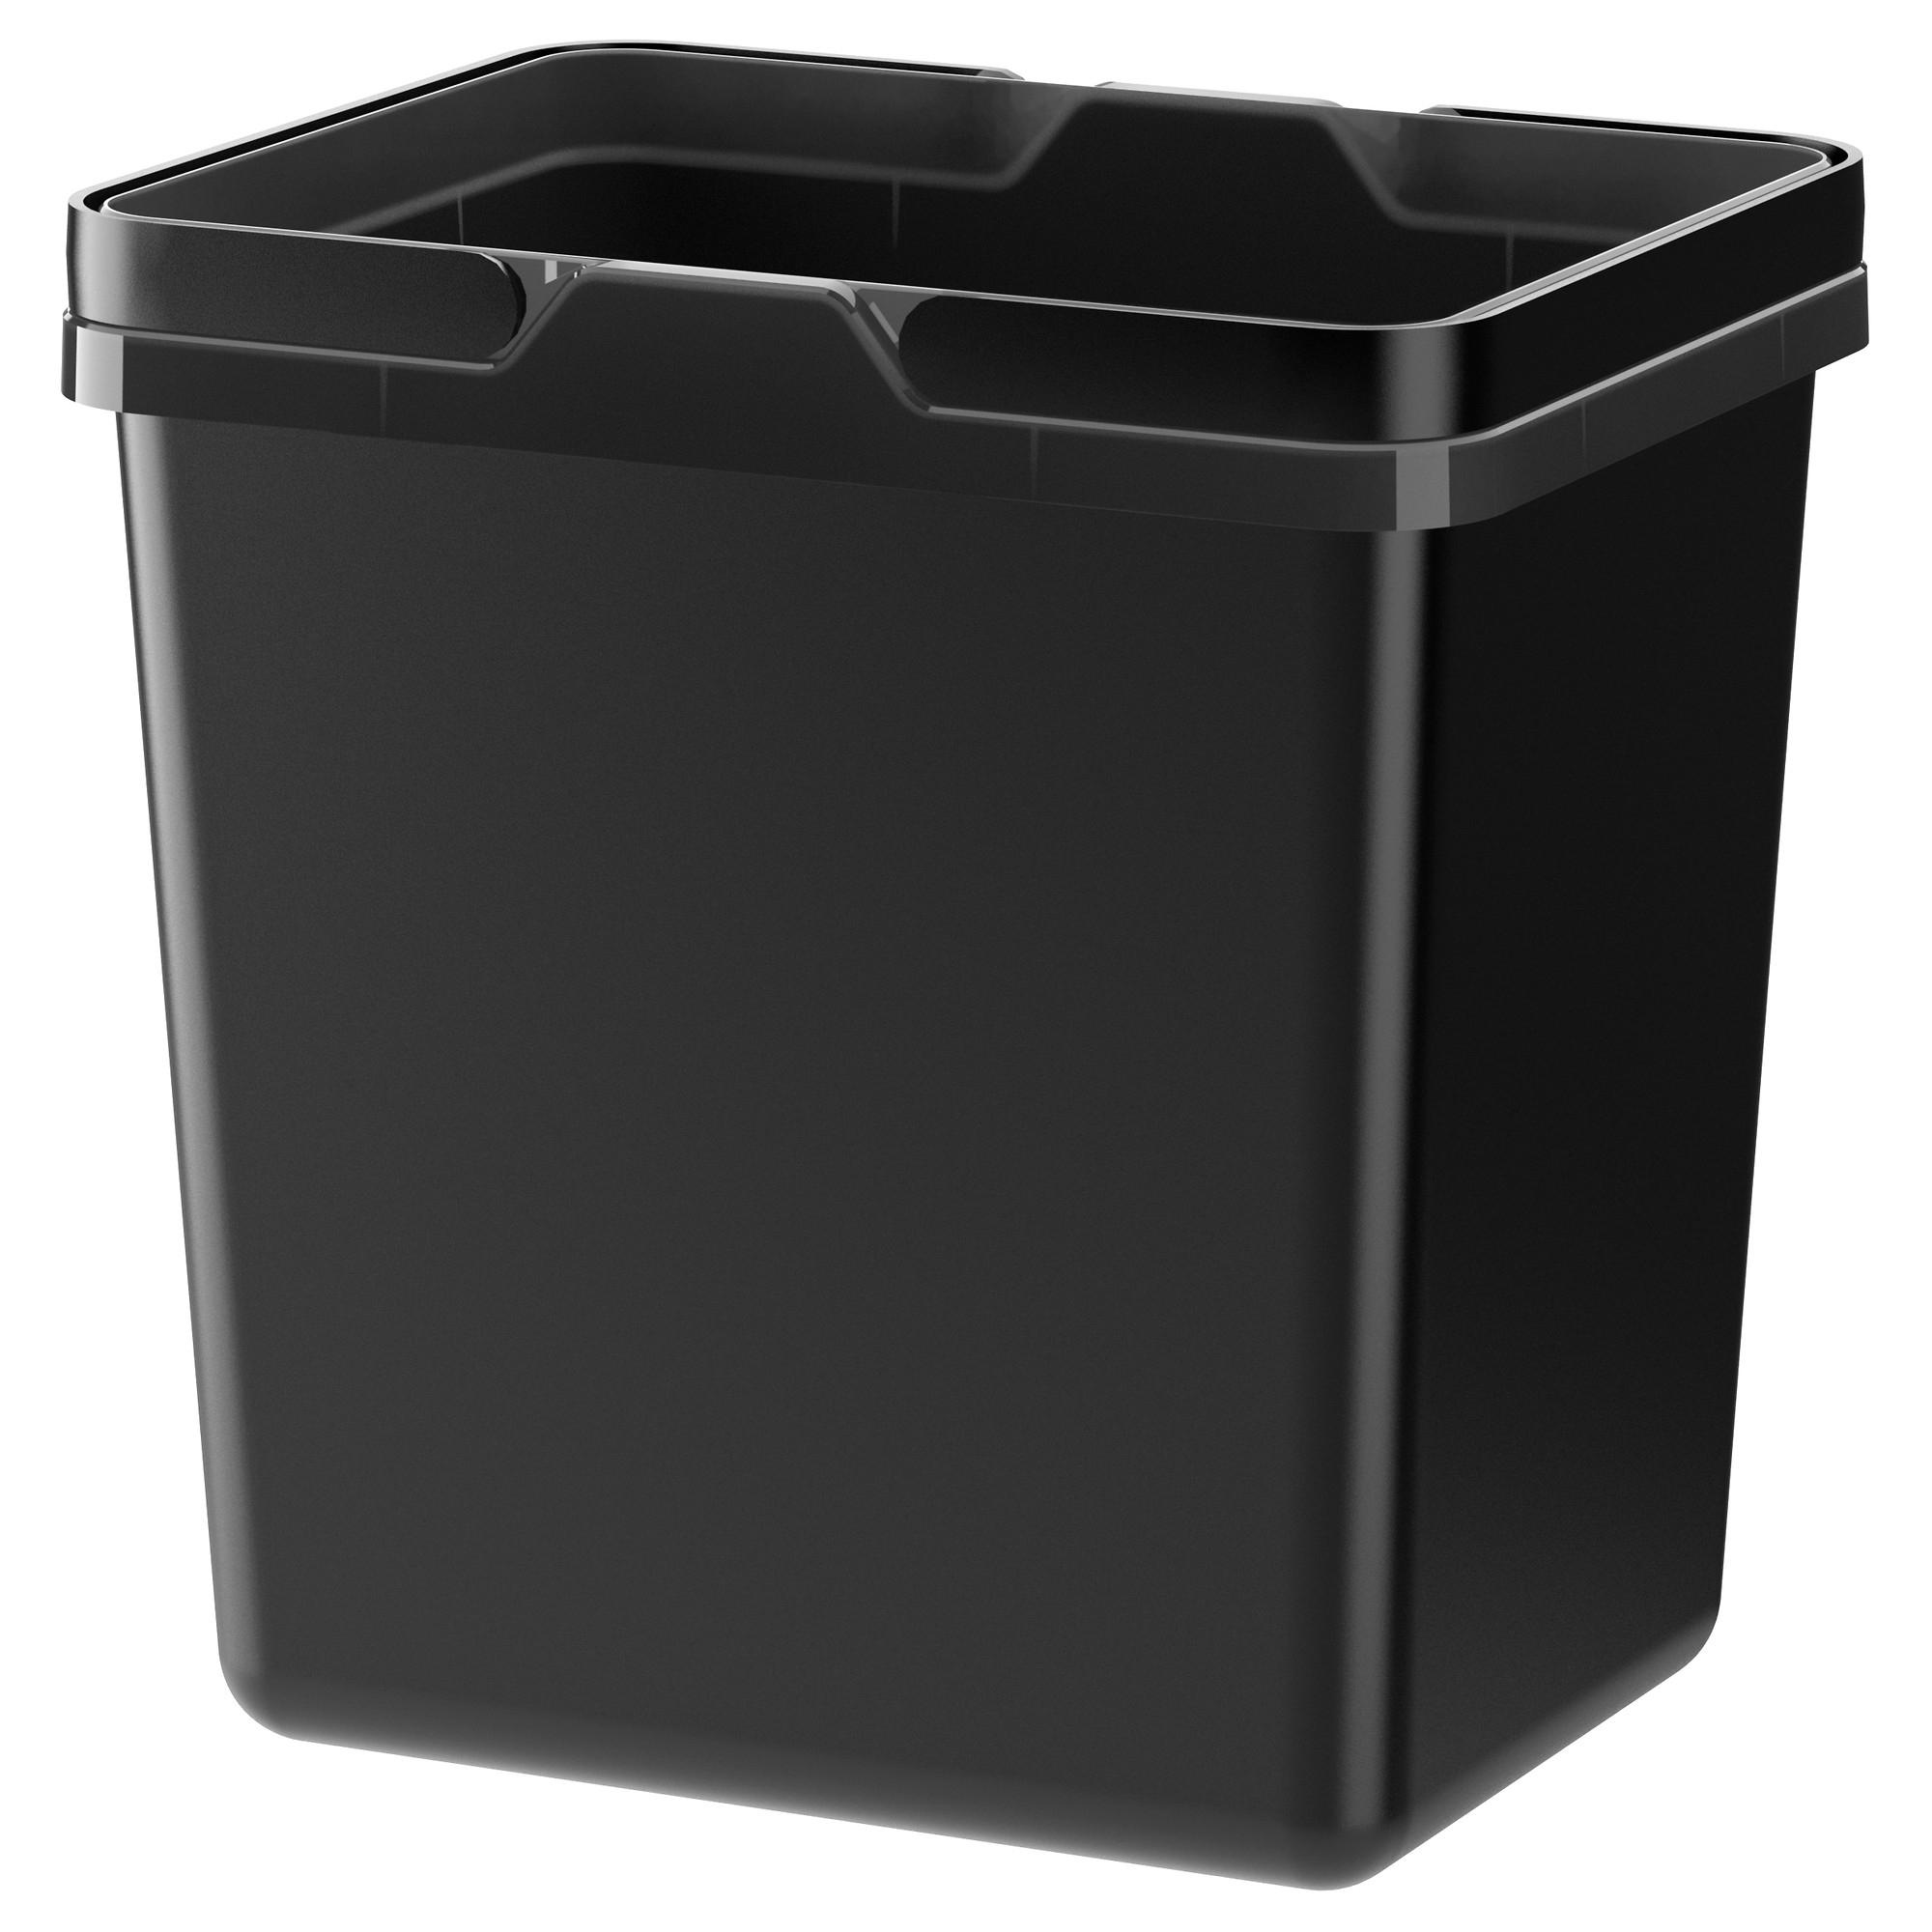 Variera cubo para reciclar 20l - Ikea cubo ropa ...